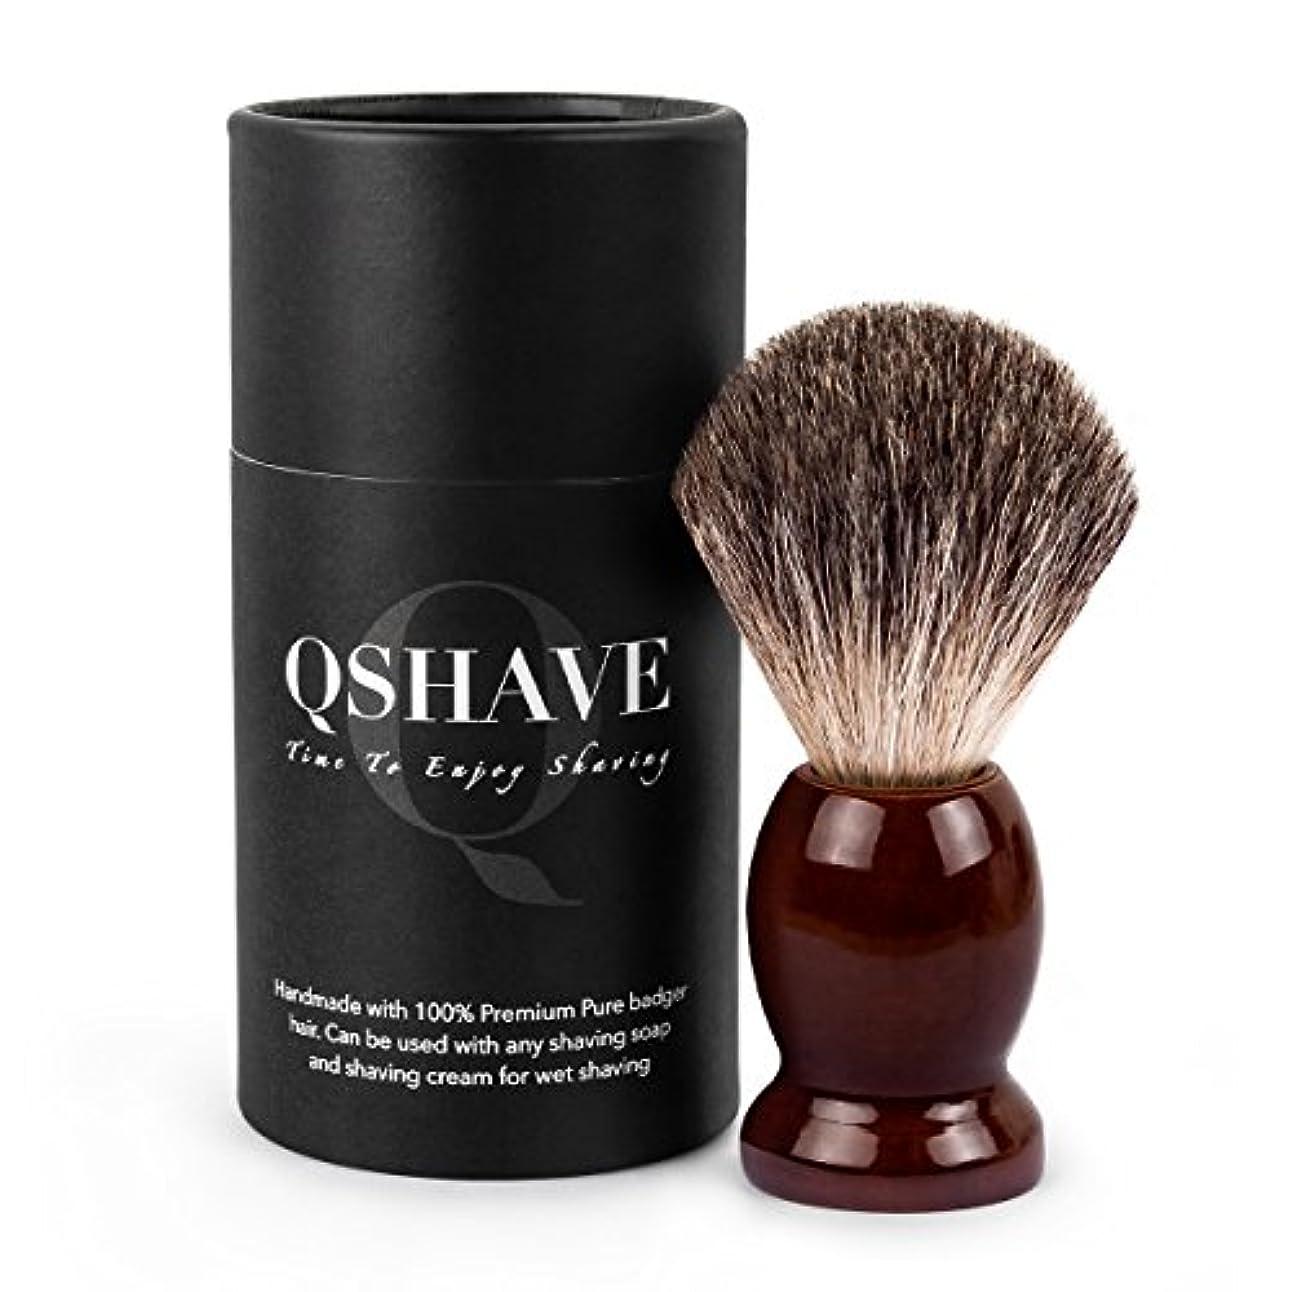 しみ黒板郵便QSHAVE 100%最高級アナグマ毛オリジナルハンドメイドシェービングブラシ。木製ベース。ウェットシェービング、安全カミソリ、両刃カミソリに最適